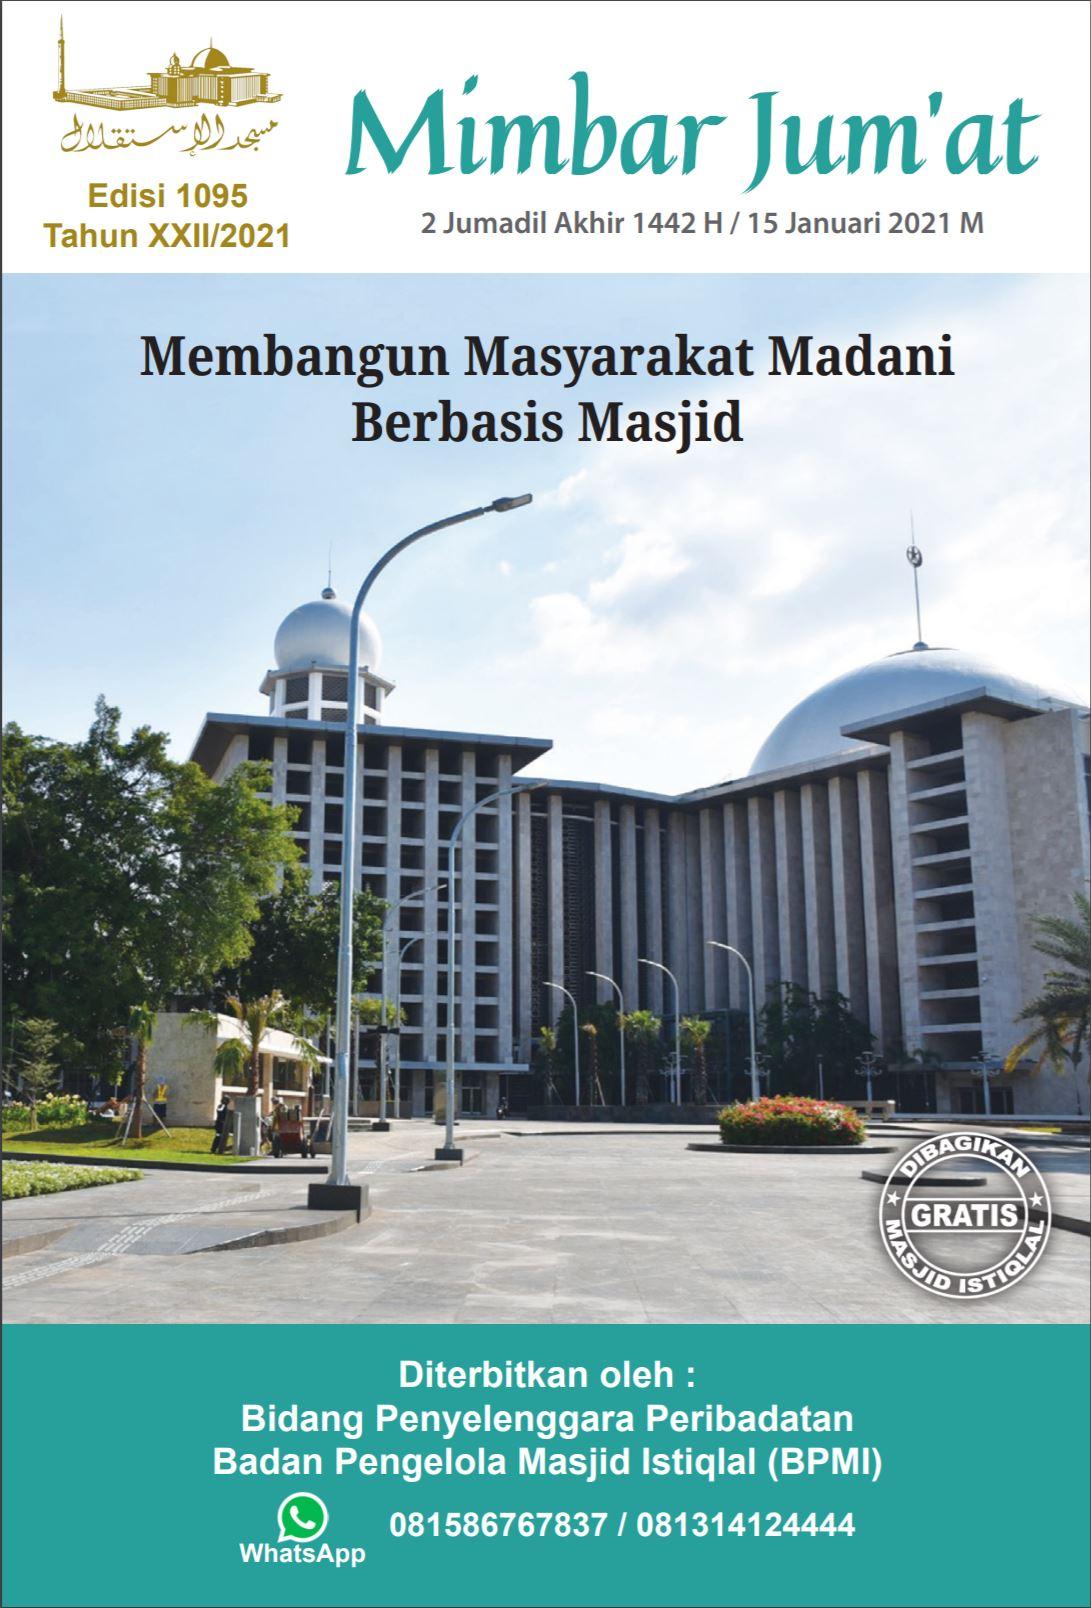 Membangun Masyarakat Madani Berbasis Masjid